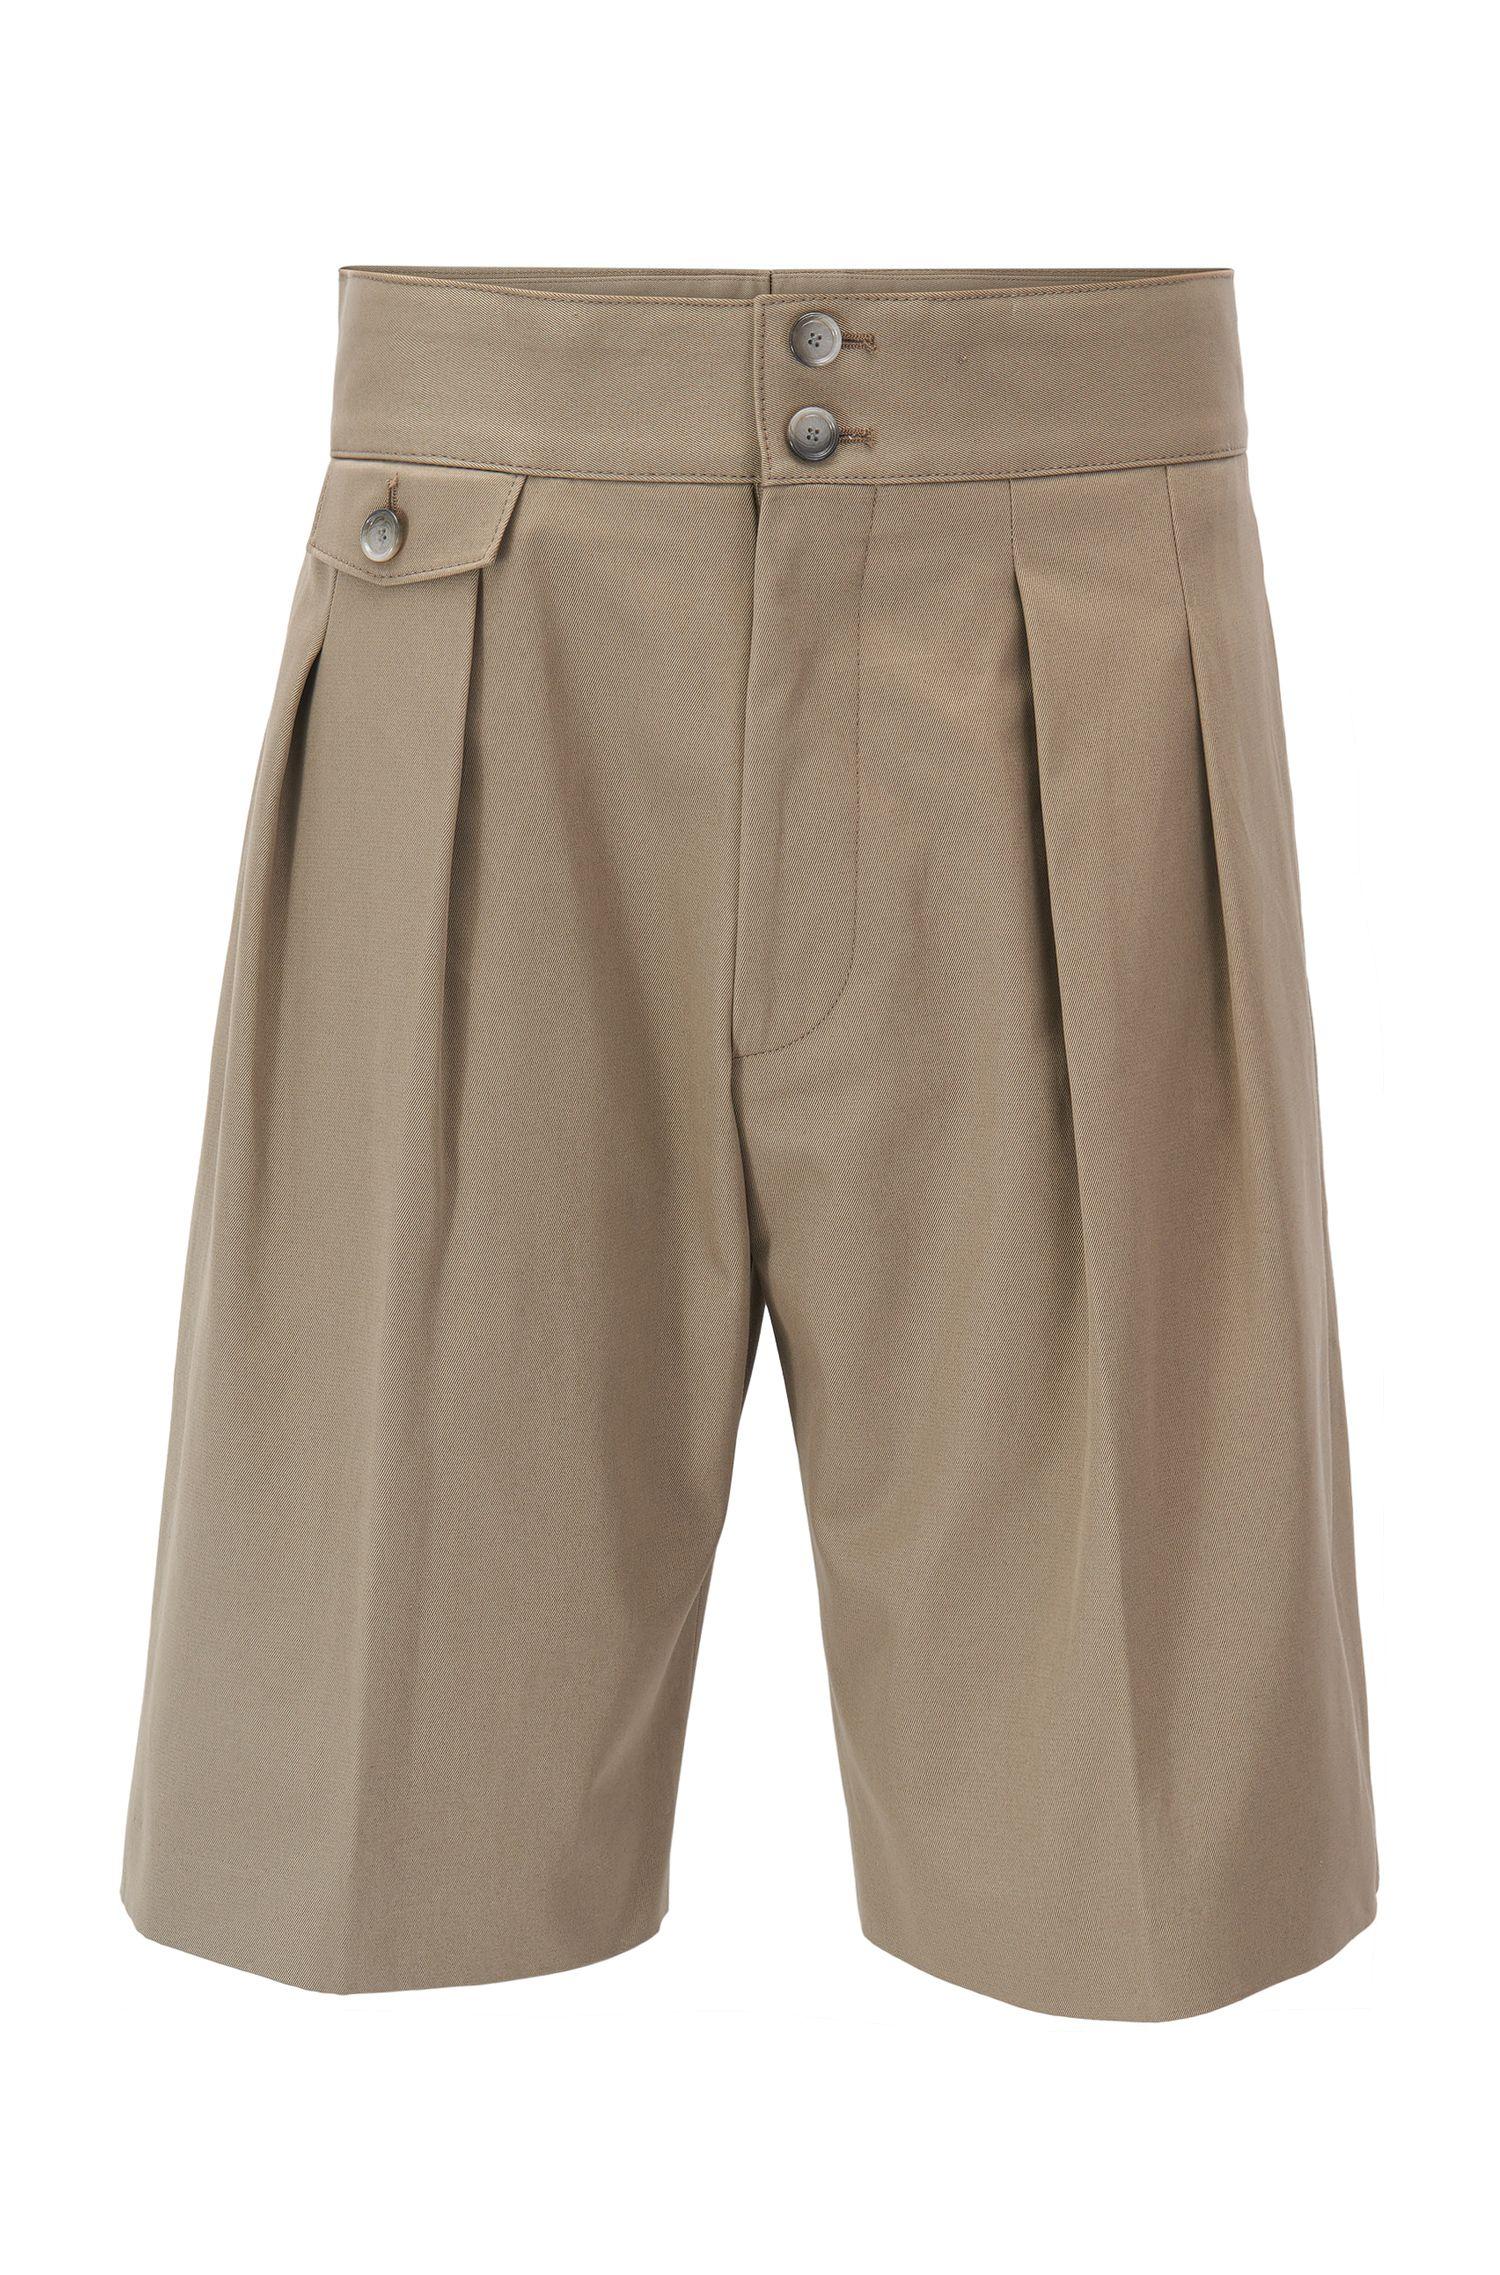 Pantaloncini con pince a vita alta Runway Edition in puro cotone